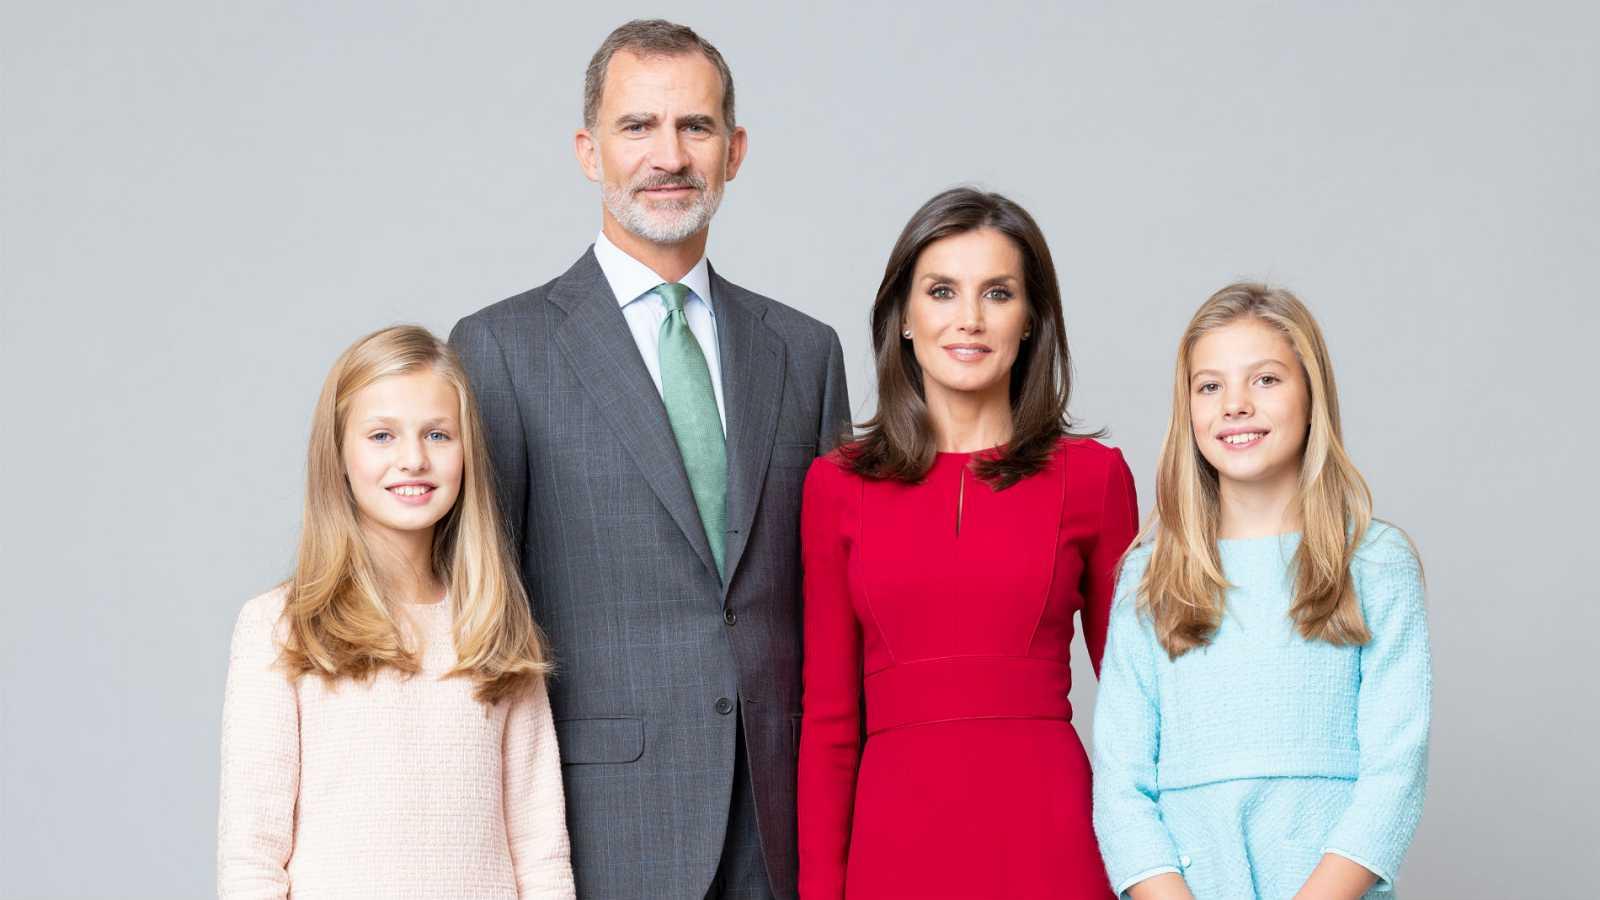 La Casa Real distribuye nuevas fotografías de la Familia Real